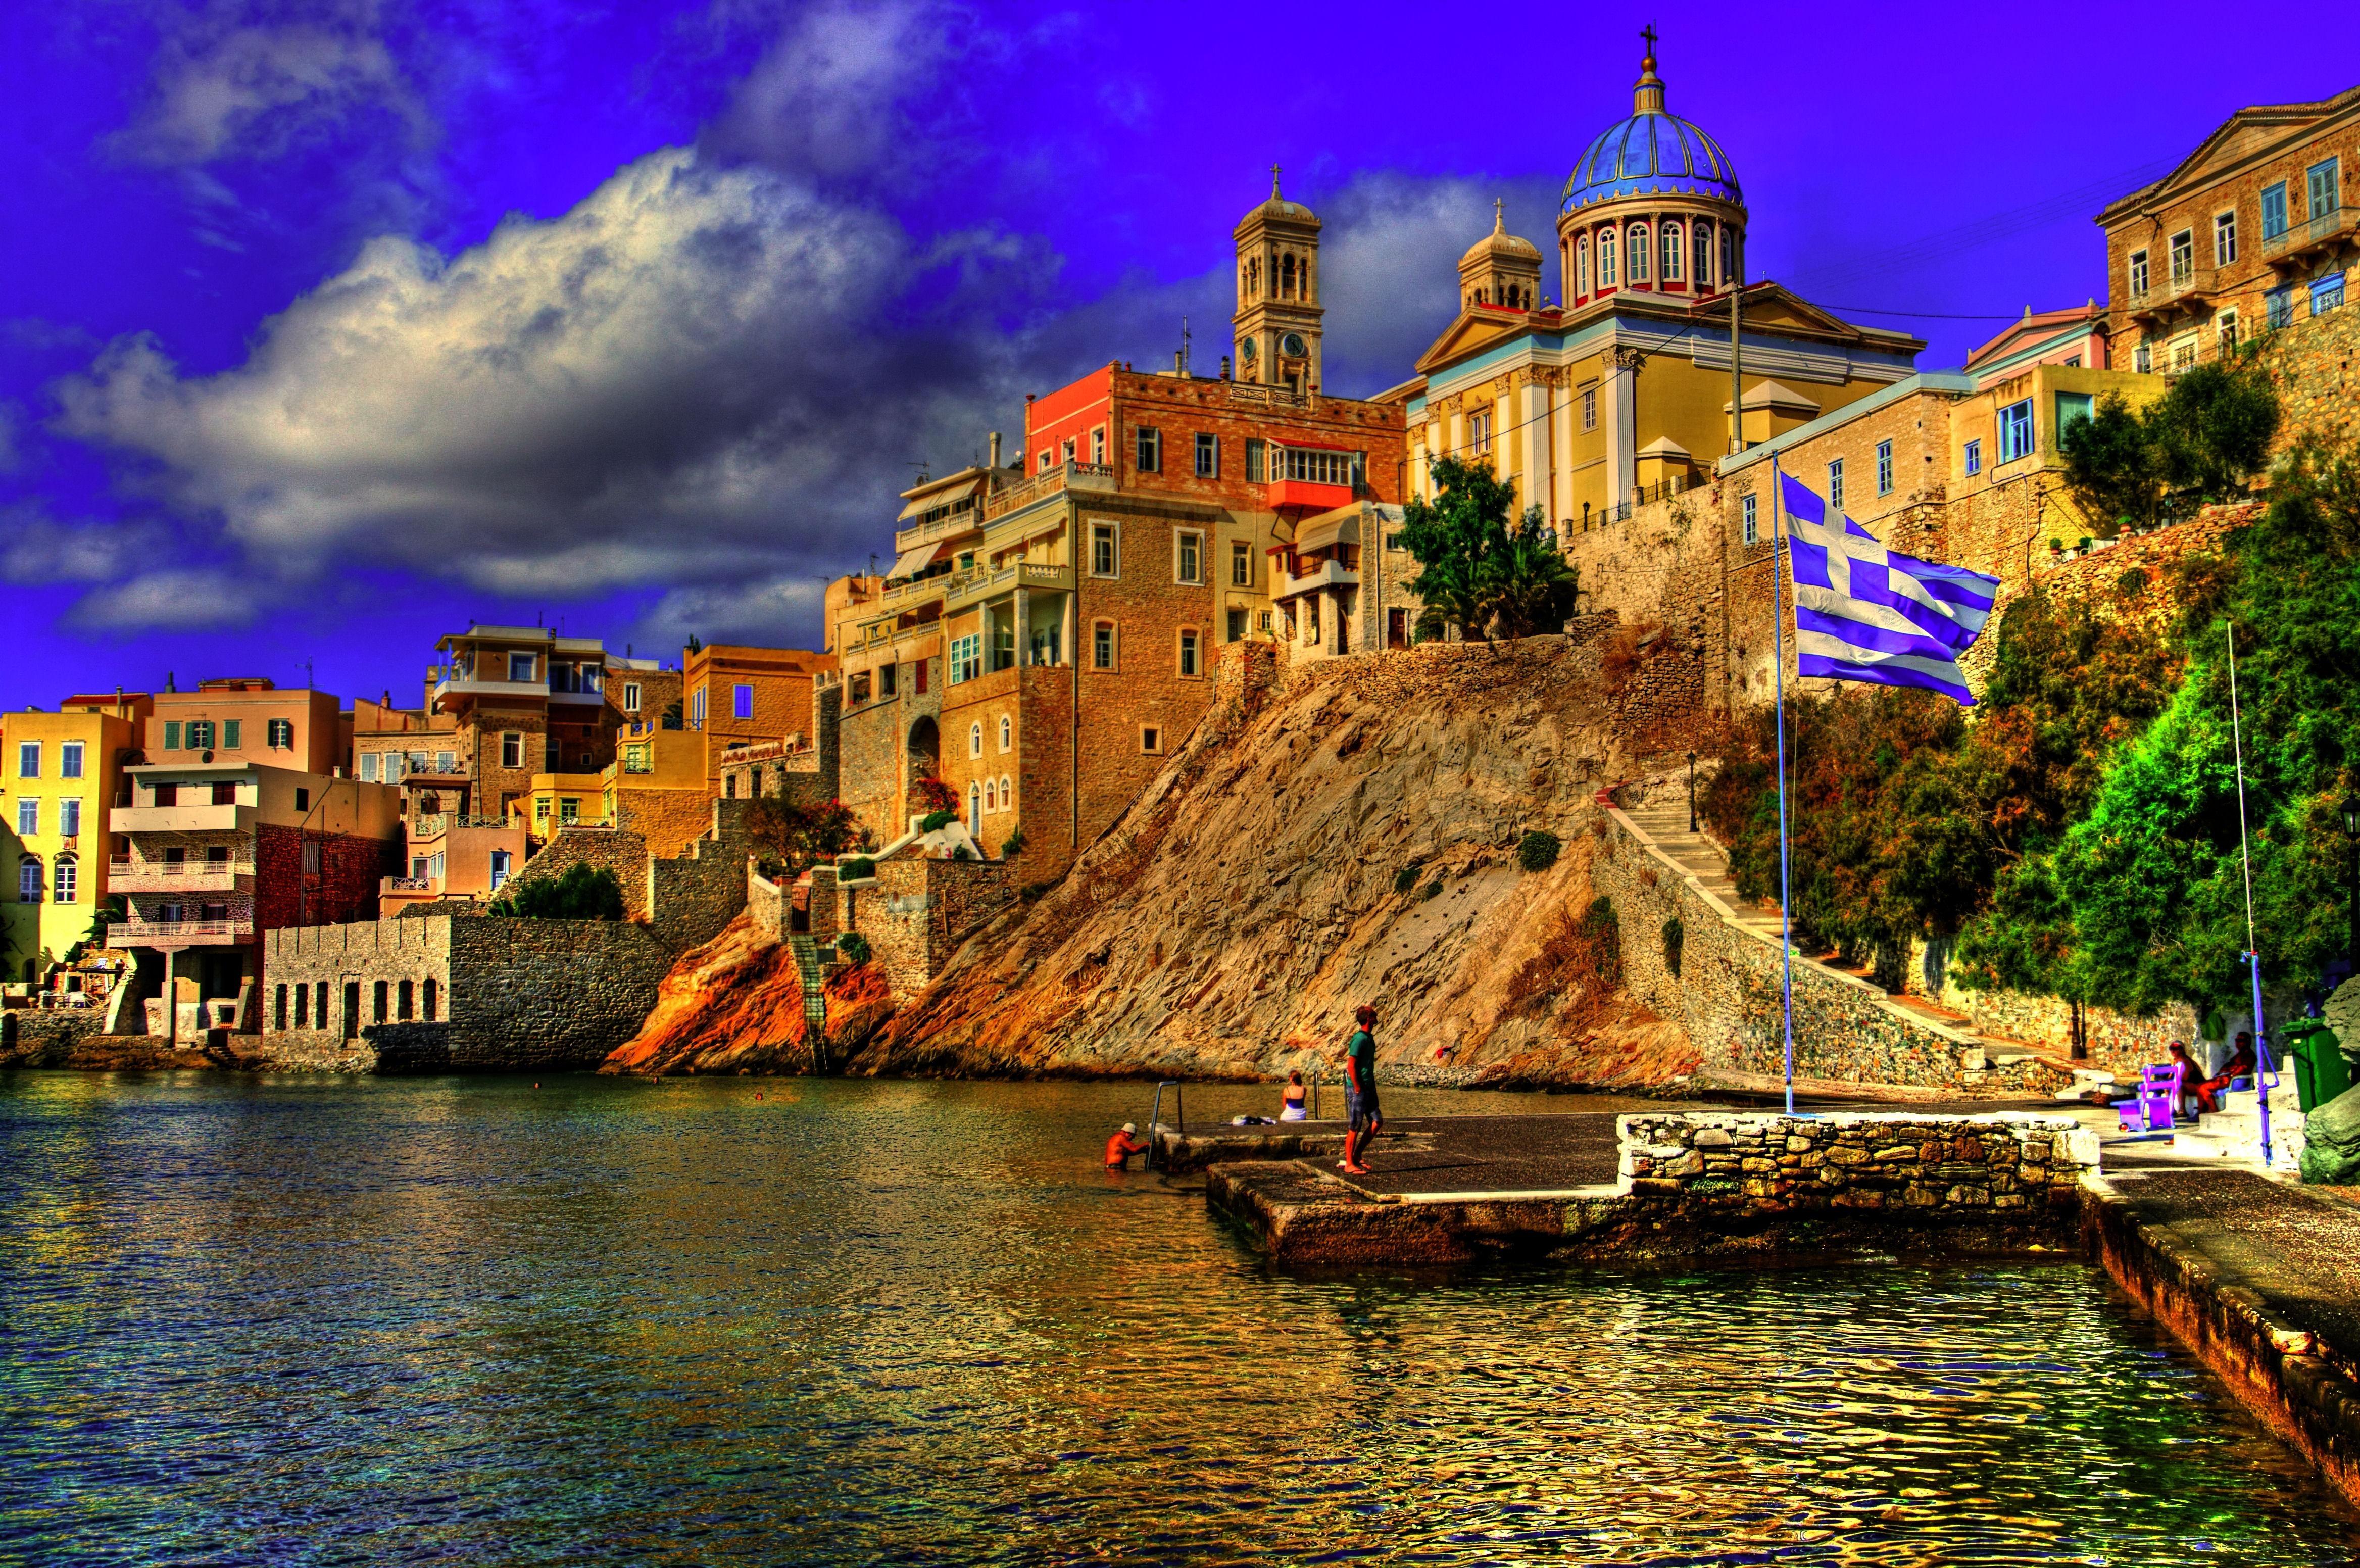 Картинки на греческом